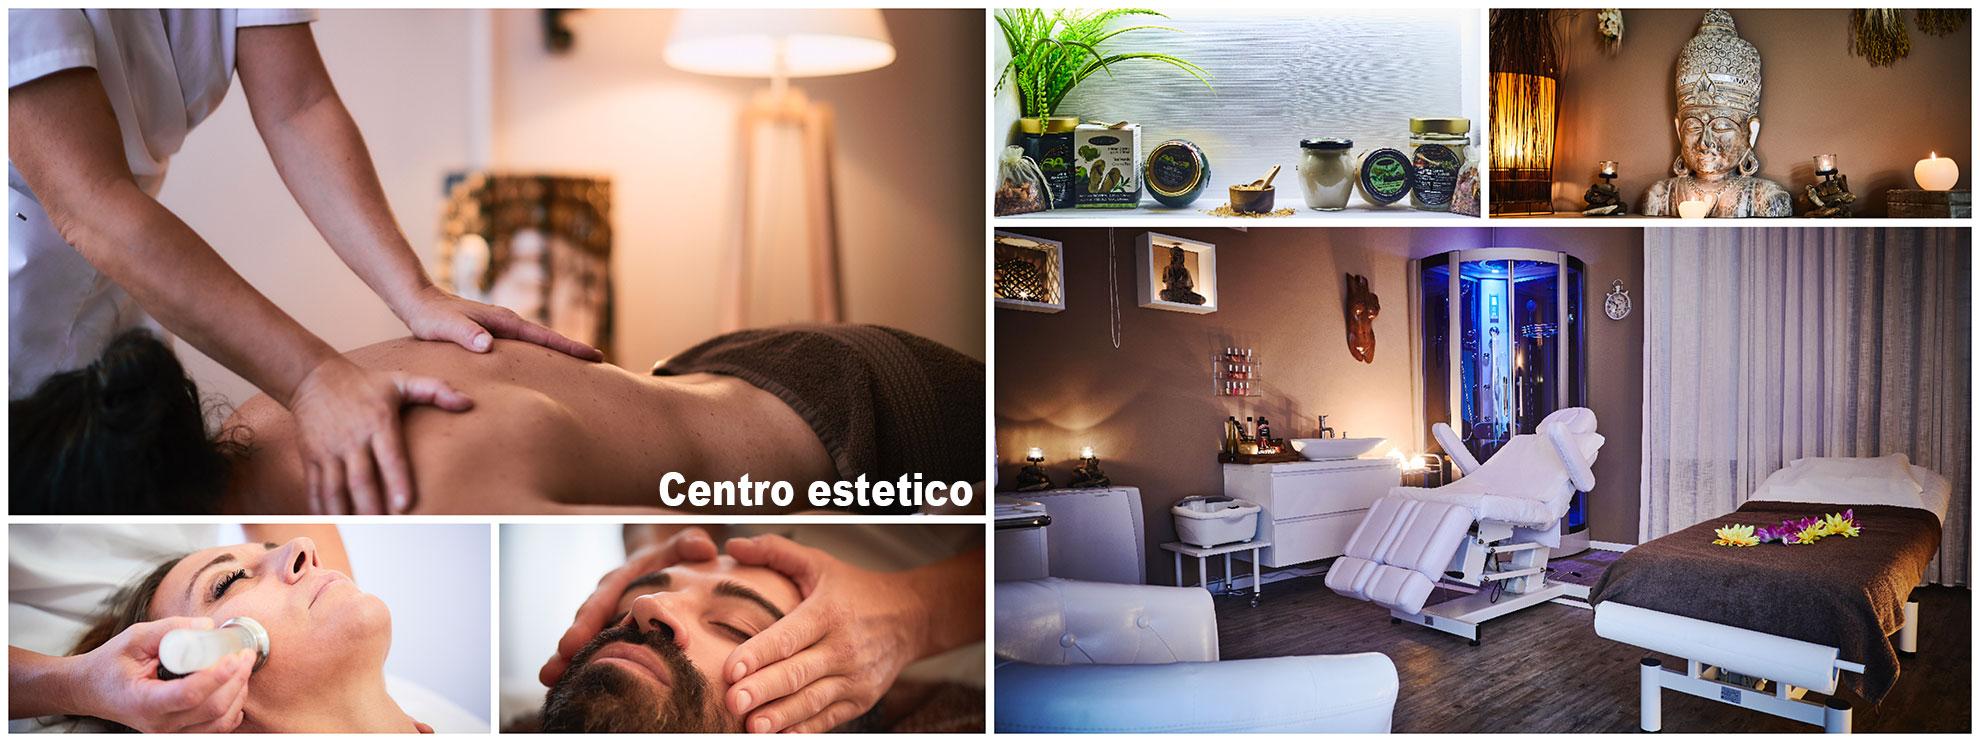 location e massaggi centro estetico palestra magic power rho